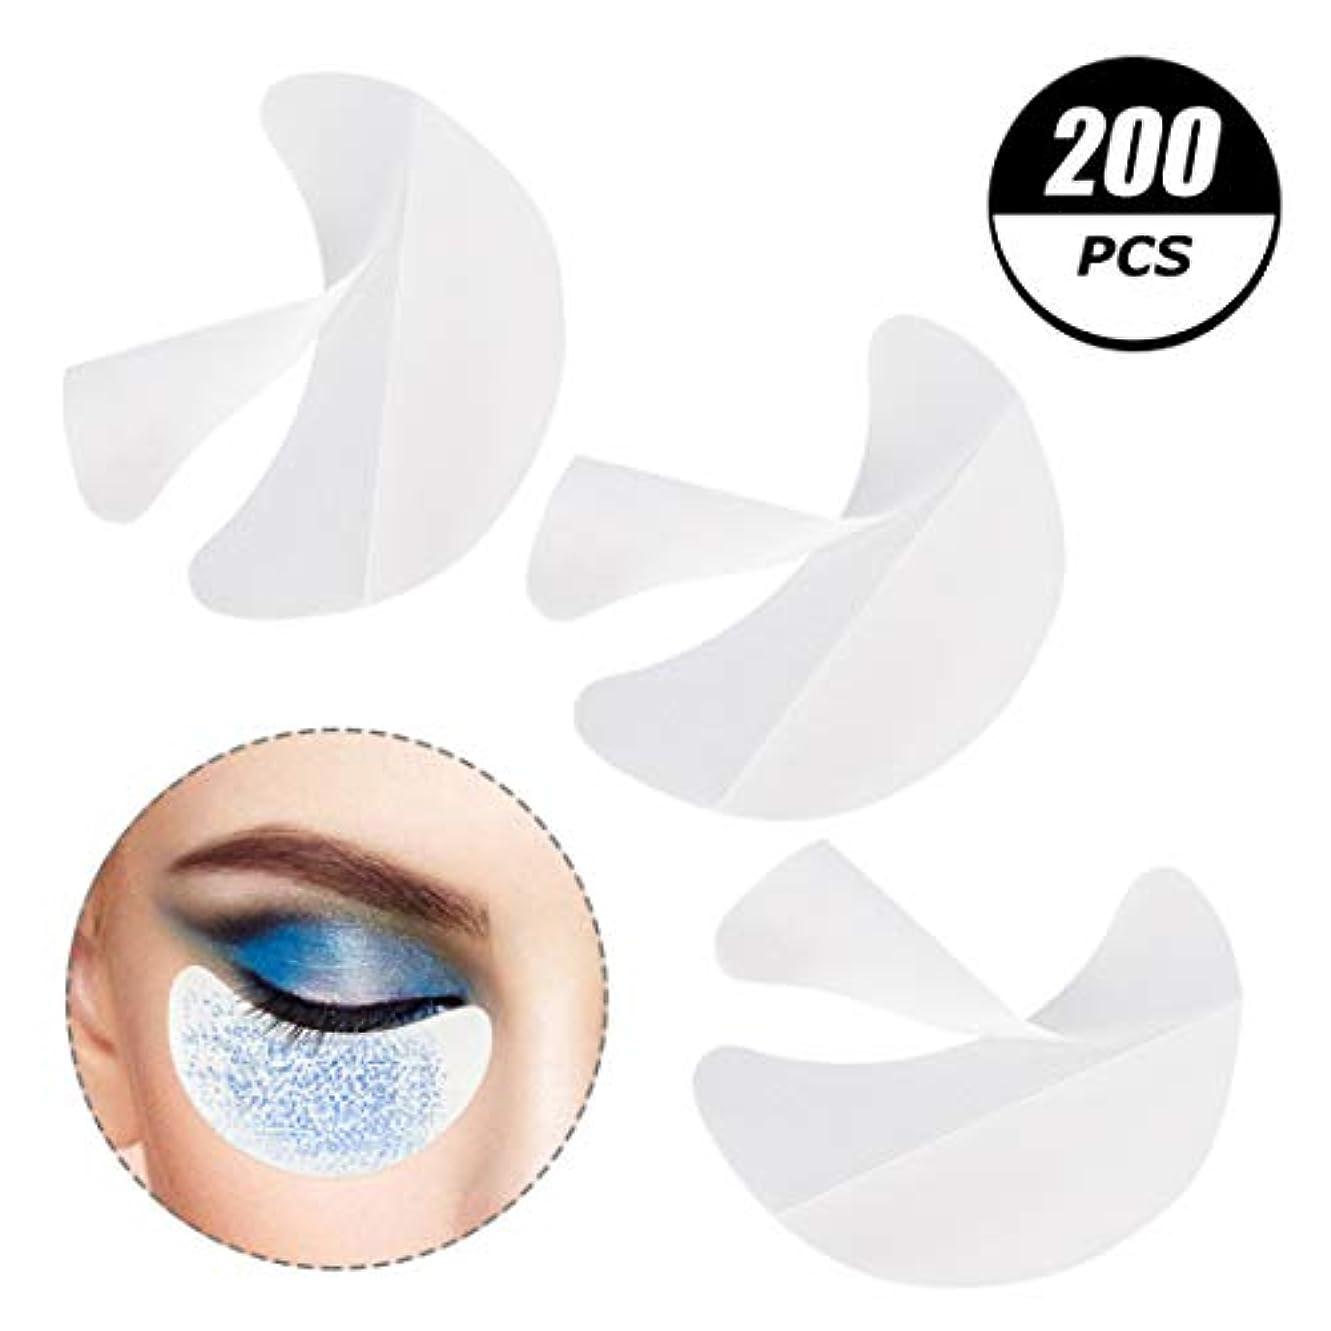 世界の窓書き込み別々にWadachikis まつげエクステンション、色合いと唇化粧残渣化粧品ツールを防ぐために、信頼できる200の部分アイシャドーシールドアイシャドー・ステンシル